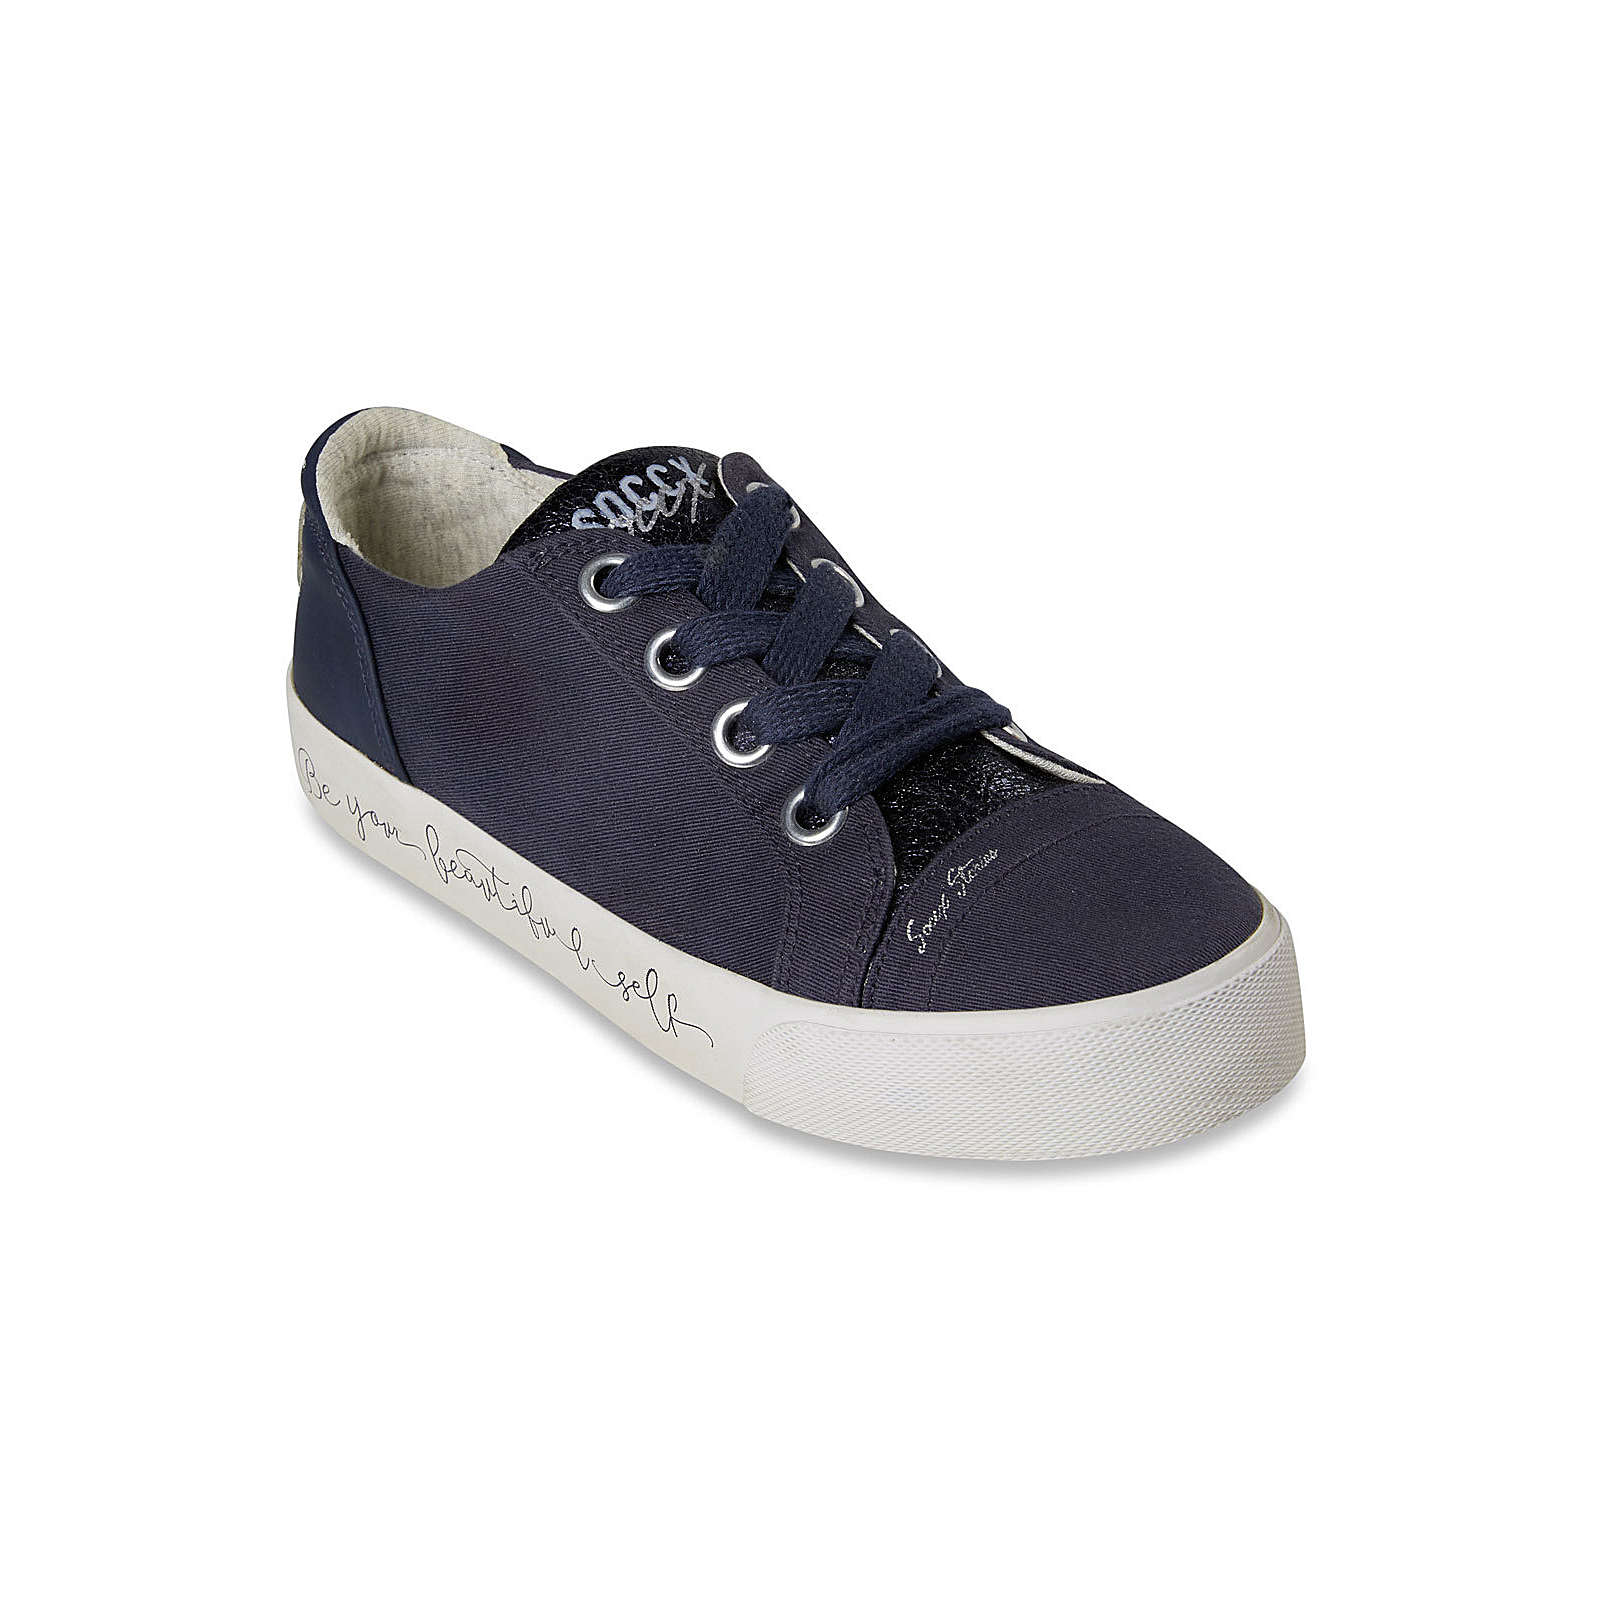 Soccx Veganer Plateau-Sneaker dunkelblau Damen Gr. 40